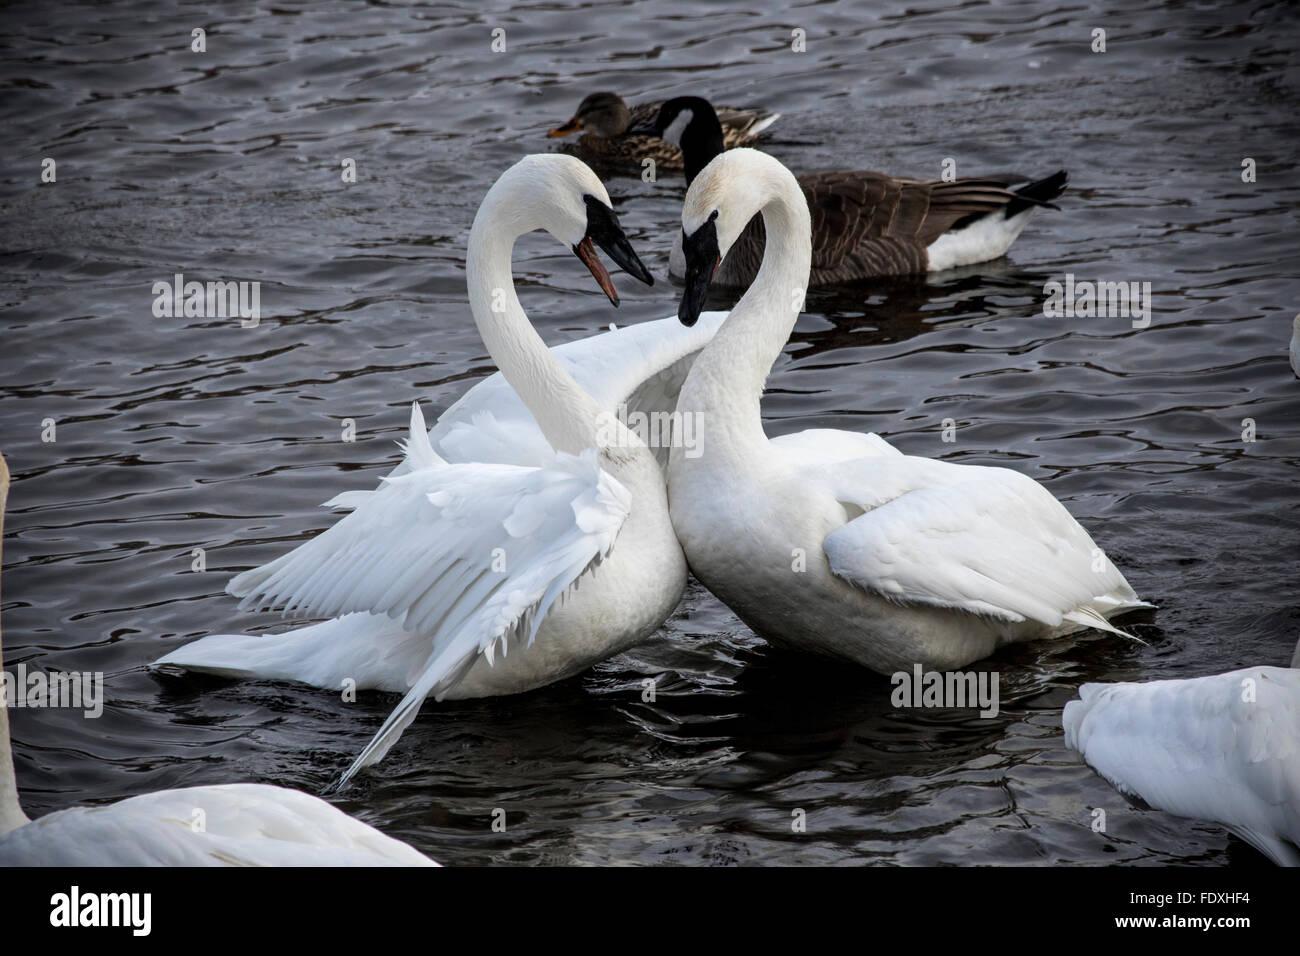 Trumpeter Schwäne stehen sich in einer lebendigen Konfrontation in Swan Park, Monticello, MN, USA Stockbild